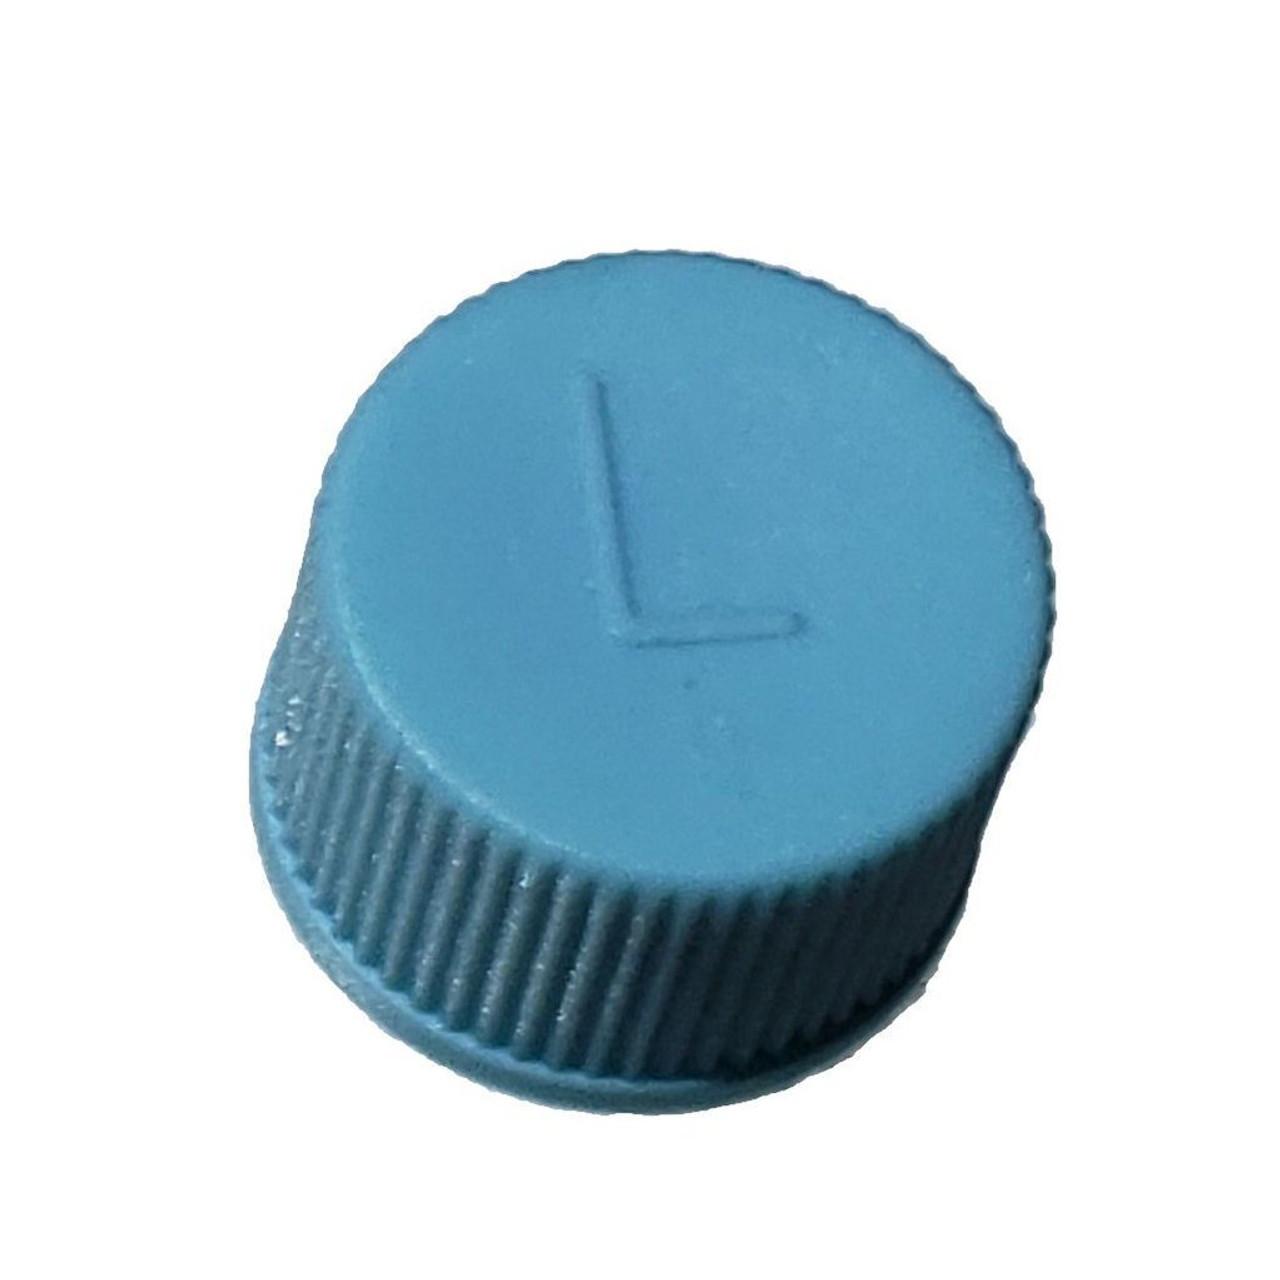 AC Service Cap R134a - Blue Low Side M9x1.0 - Interchanges: MT0310, 69500